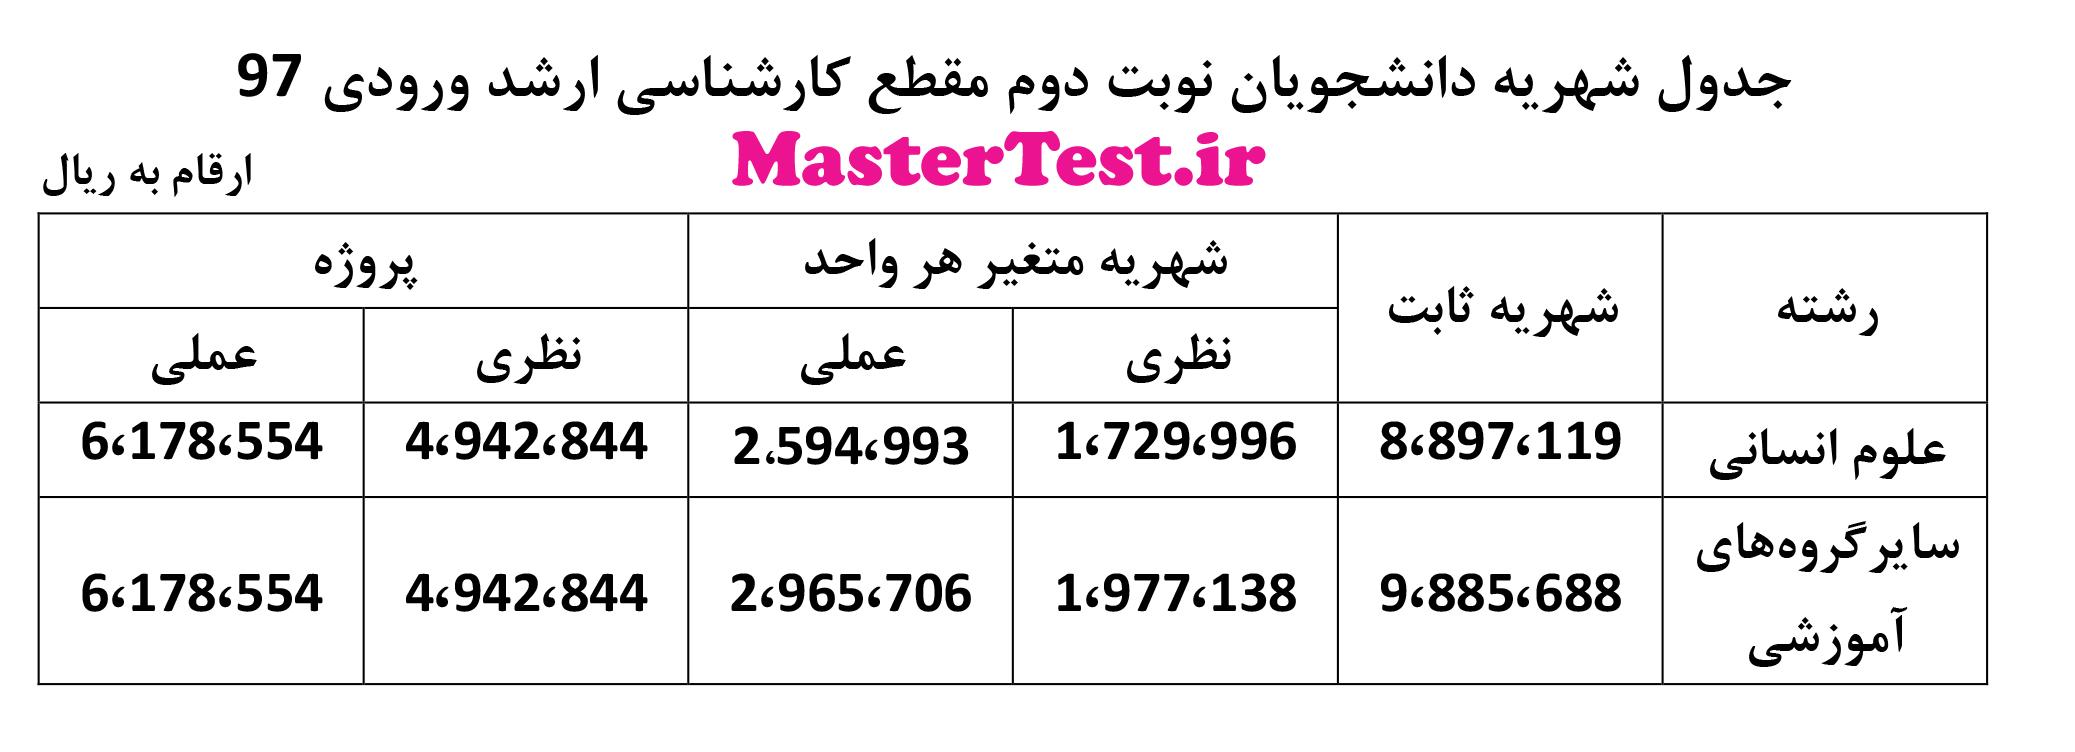 شهریه ارشد شبانه 97 - 98 دانشگاه الزهرا